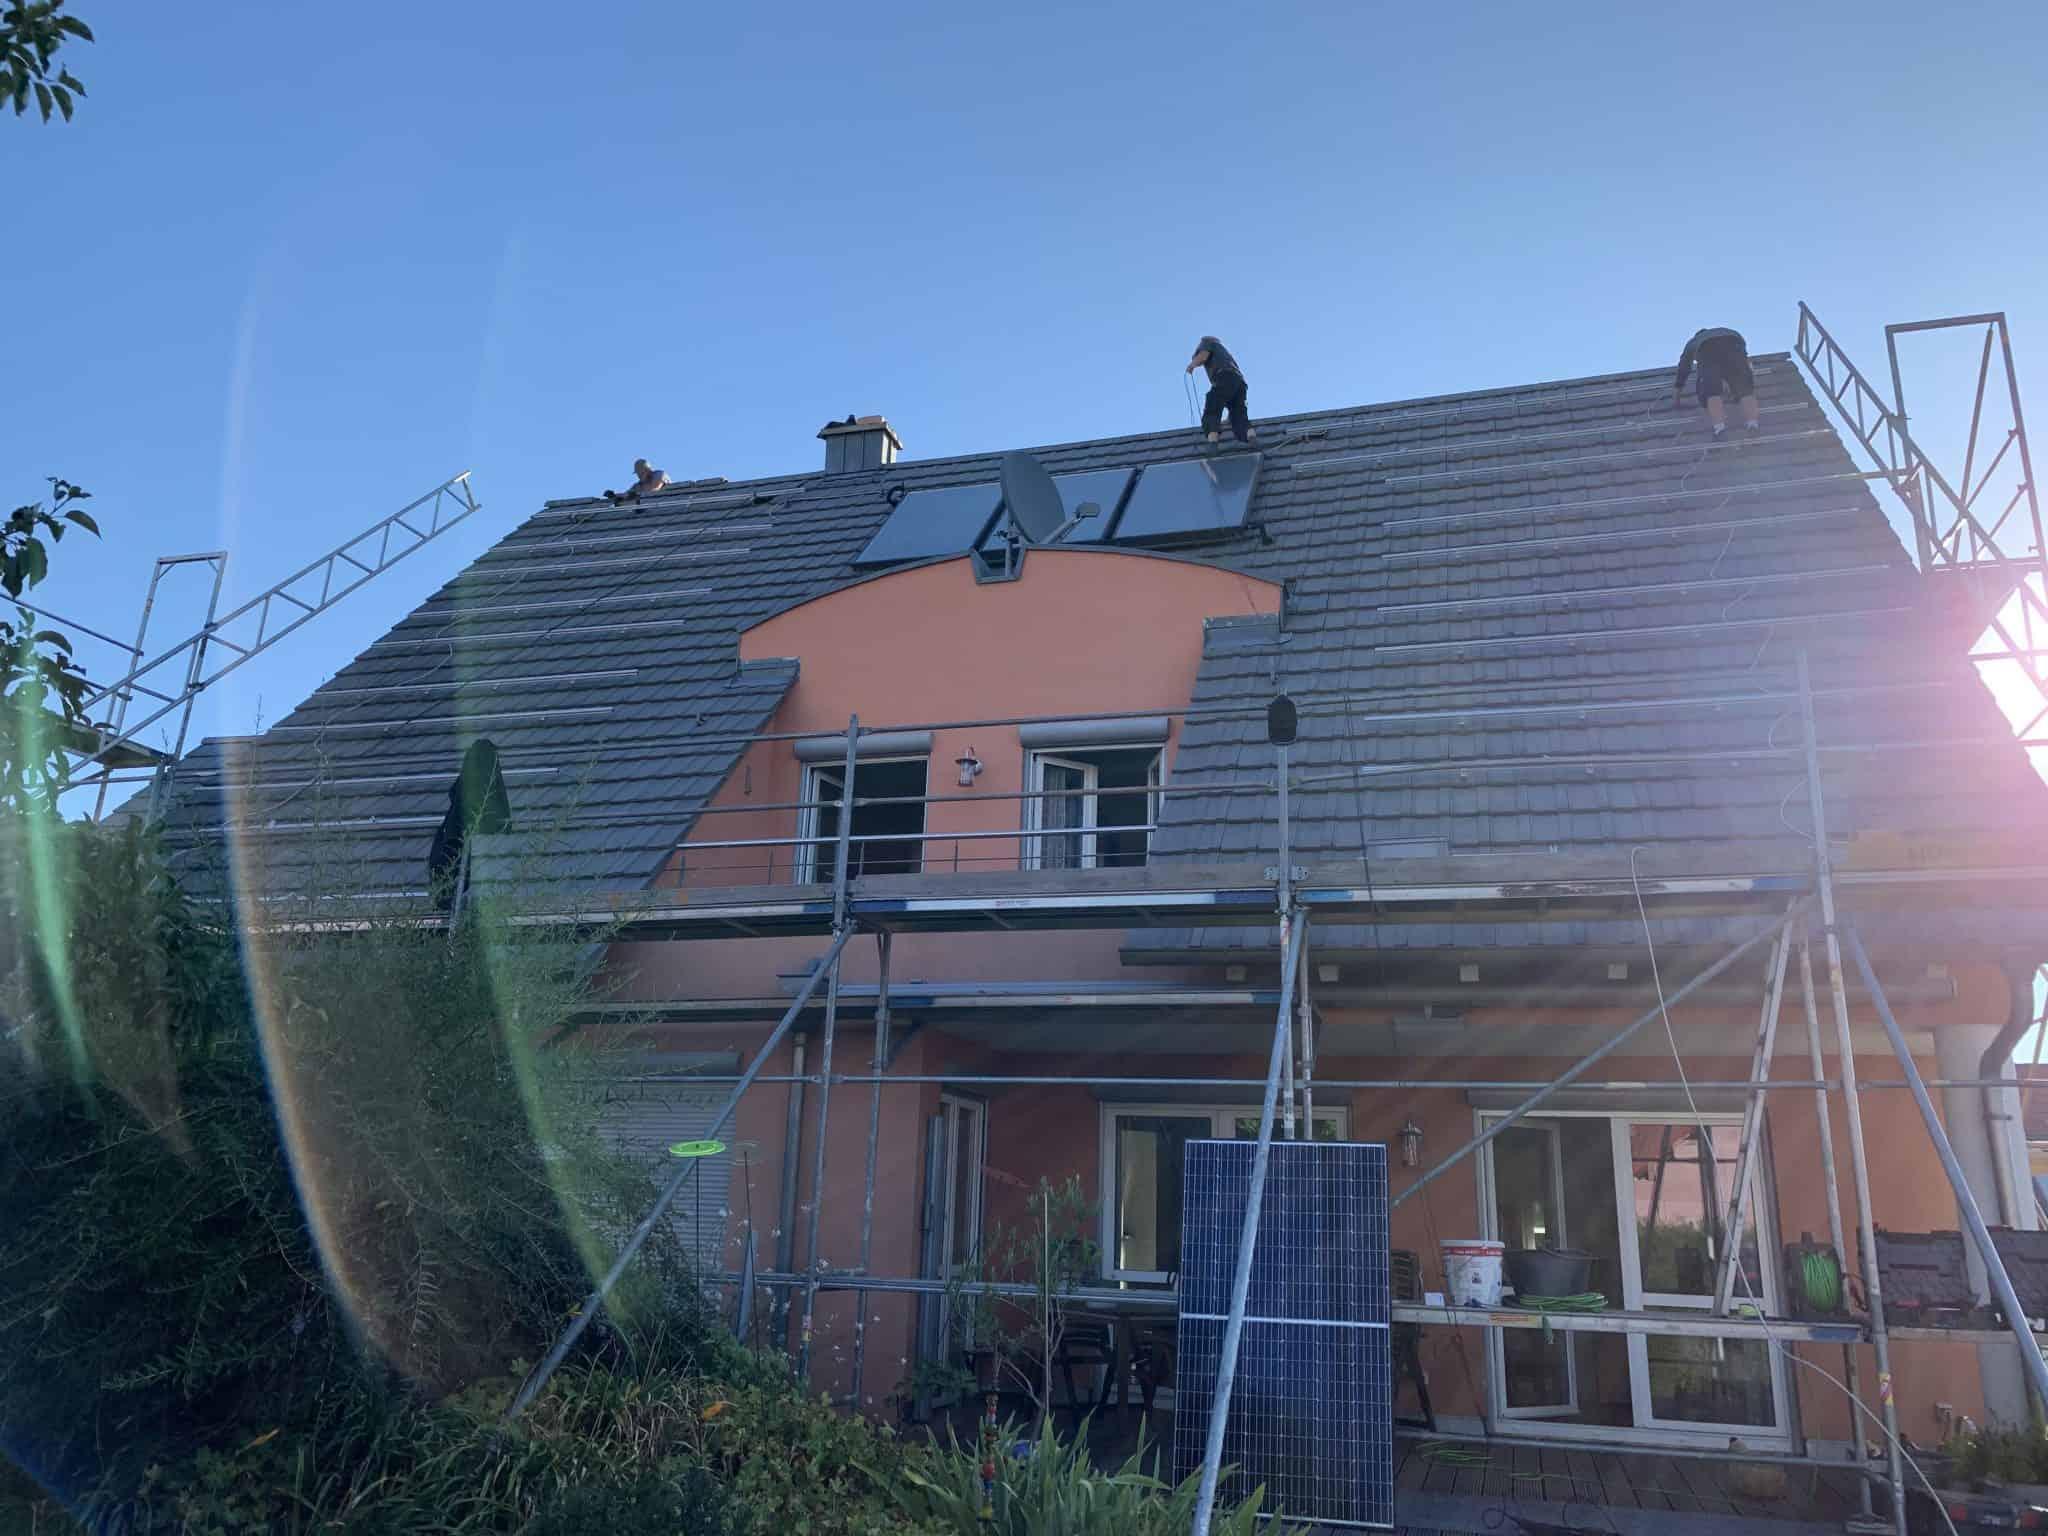 Montagearbeiten auf dem Dach